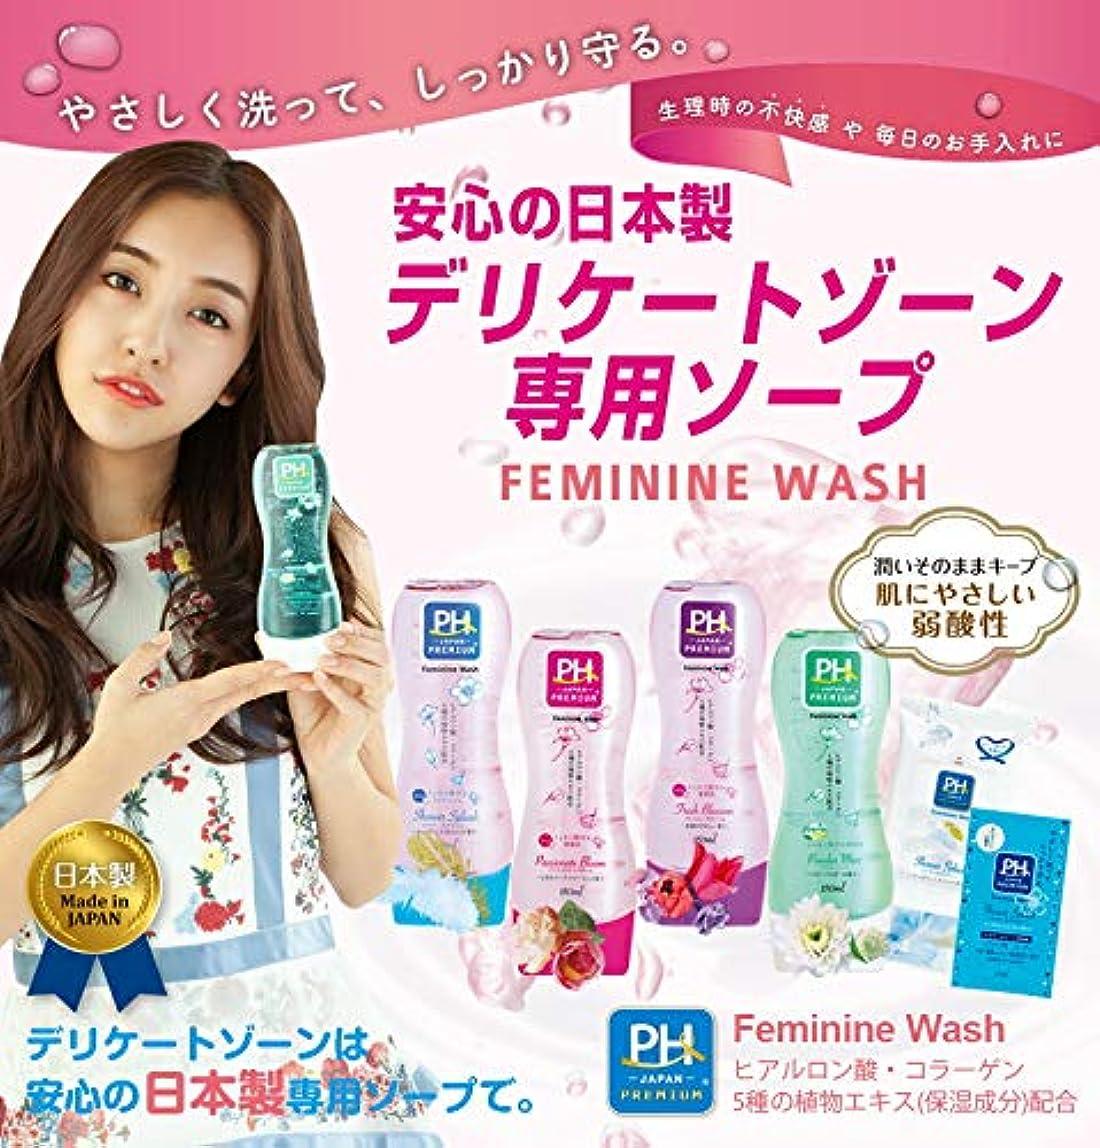 火薬スムーズに先にPH JAPAN プレミアム フェミニンウォッシュ パッショネイトブルーム150ml上品なローズフローラルの香り 3本セット